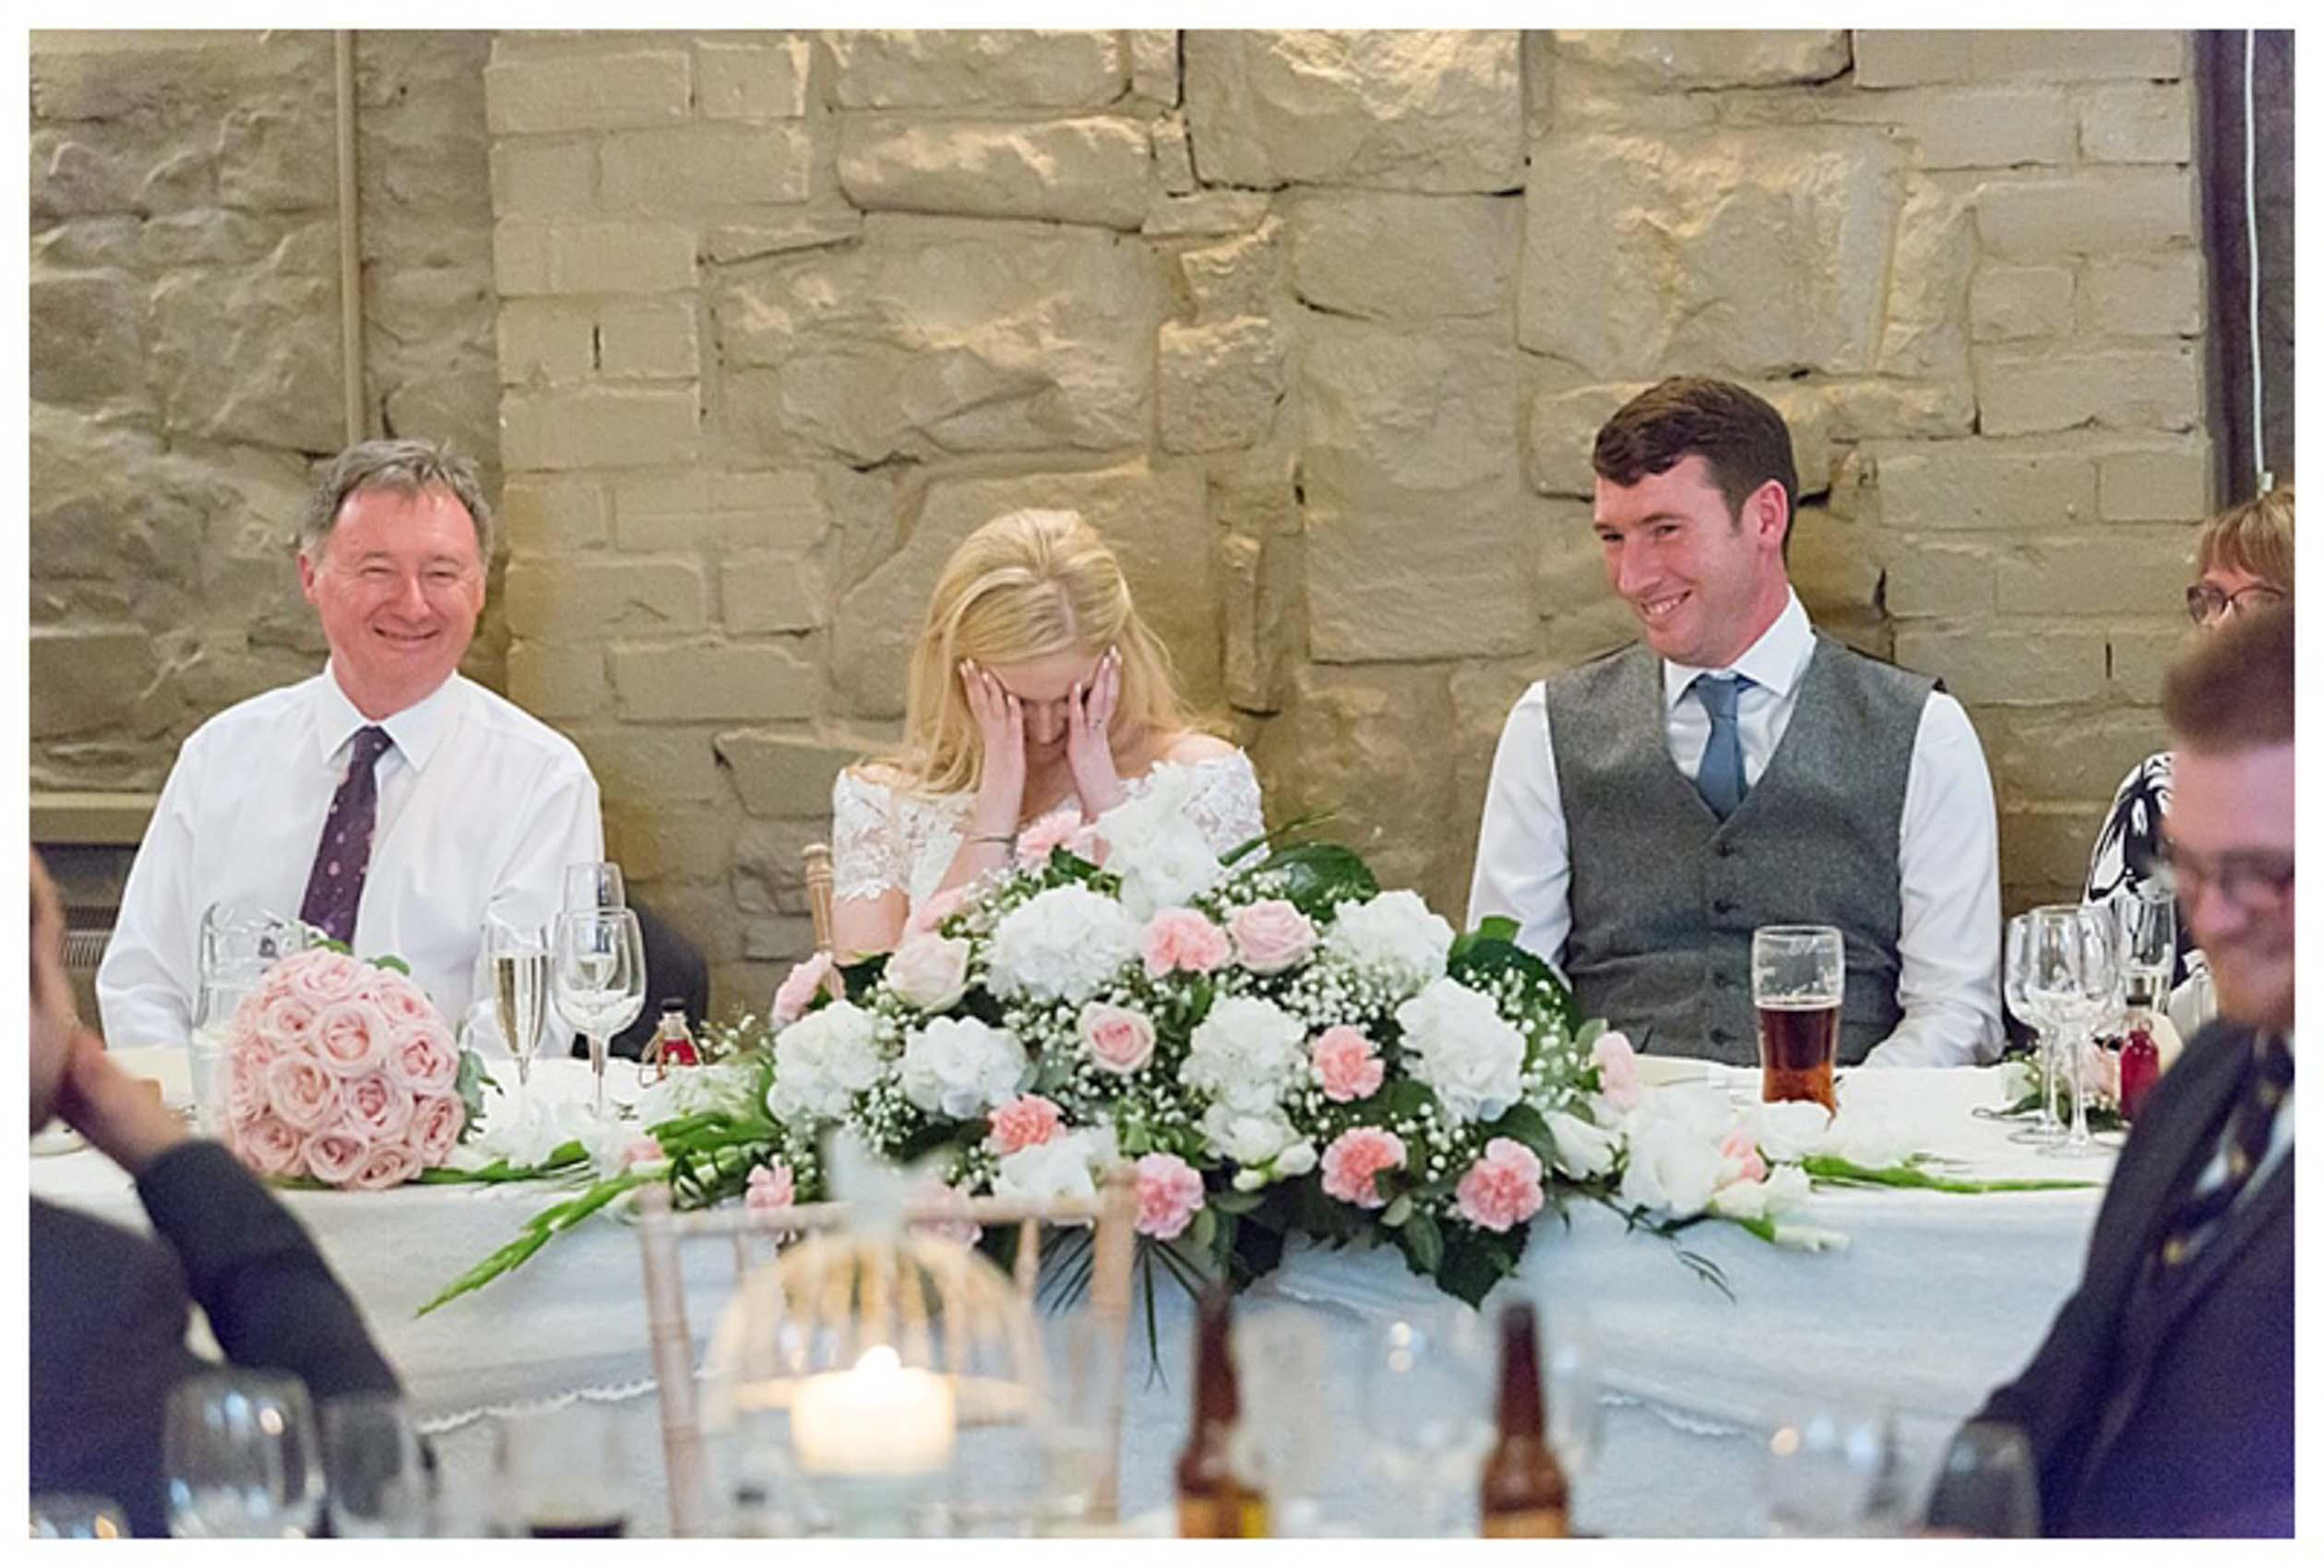 Larchfield Estate Wedding Photography by Ricky Parker Photography 73